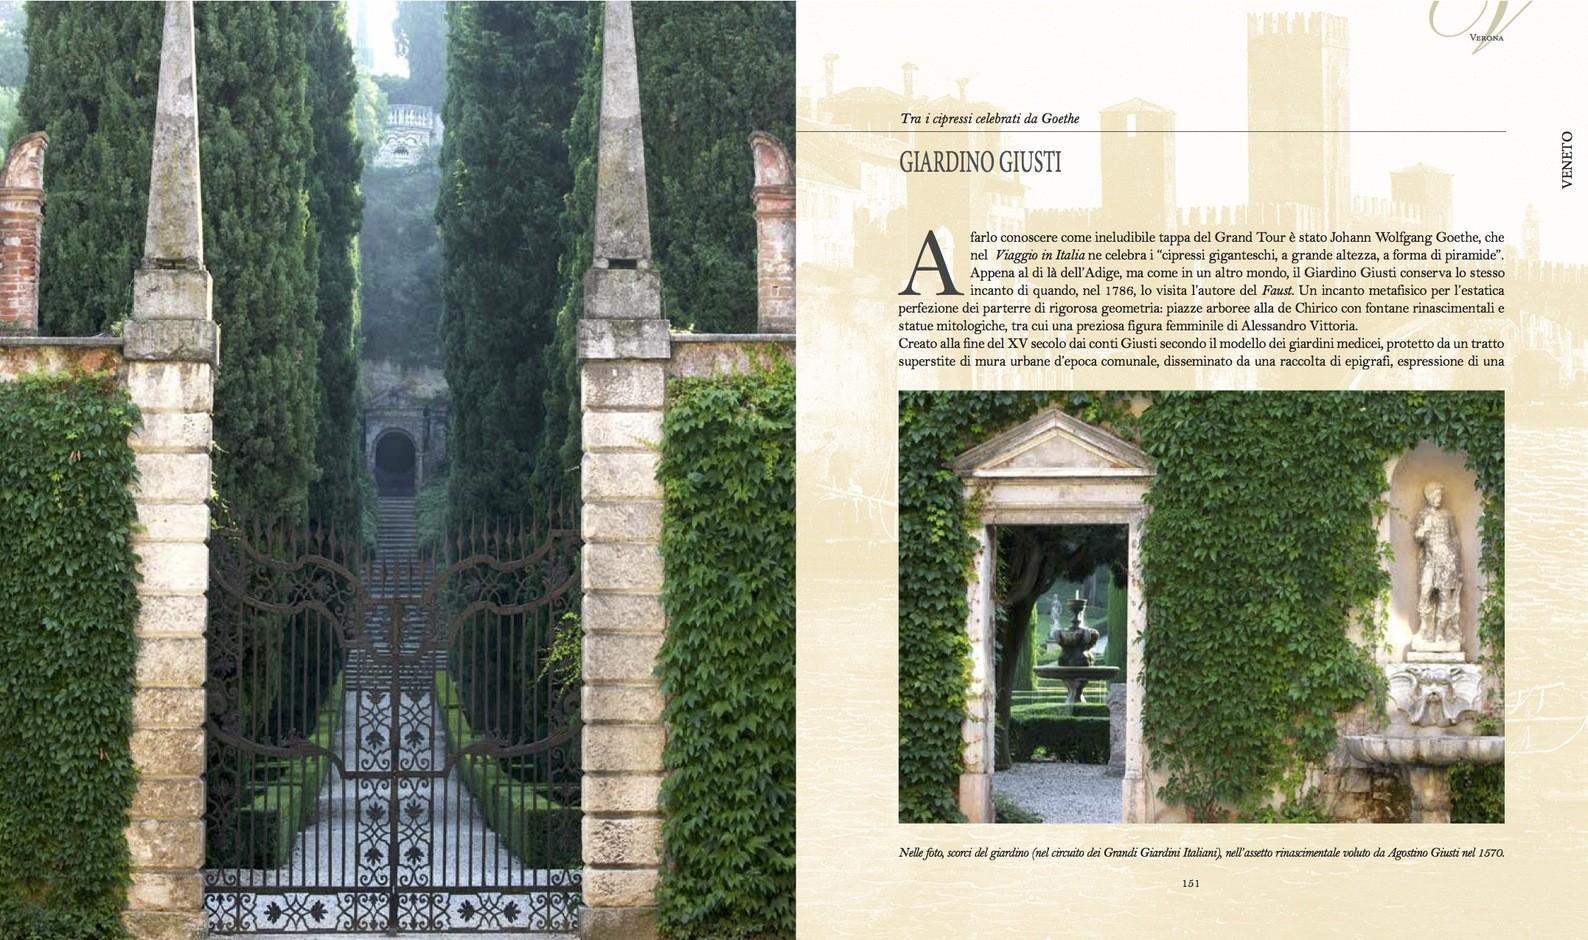 Verona. Giardino Giusti